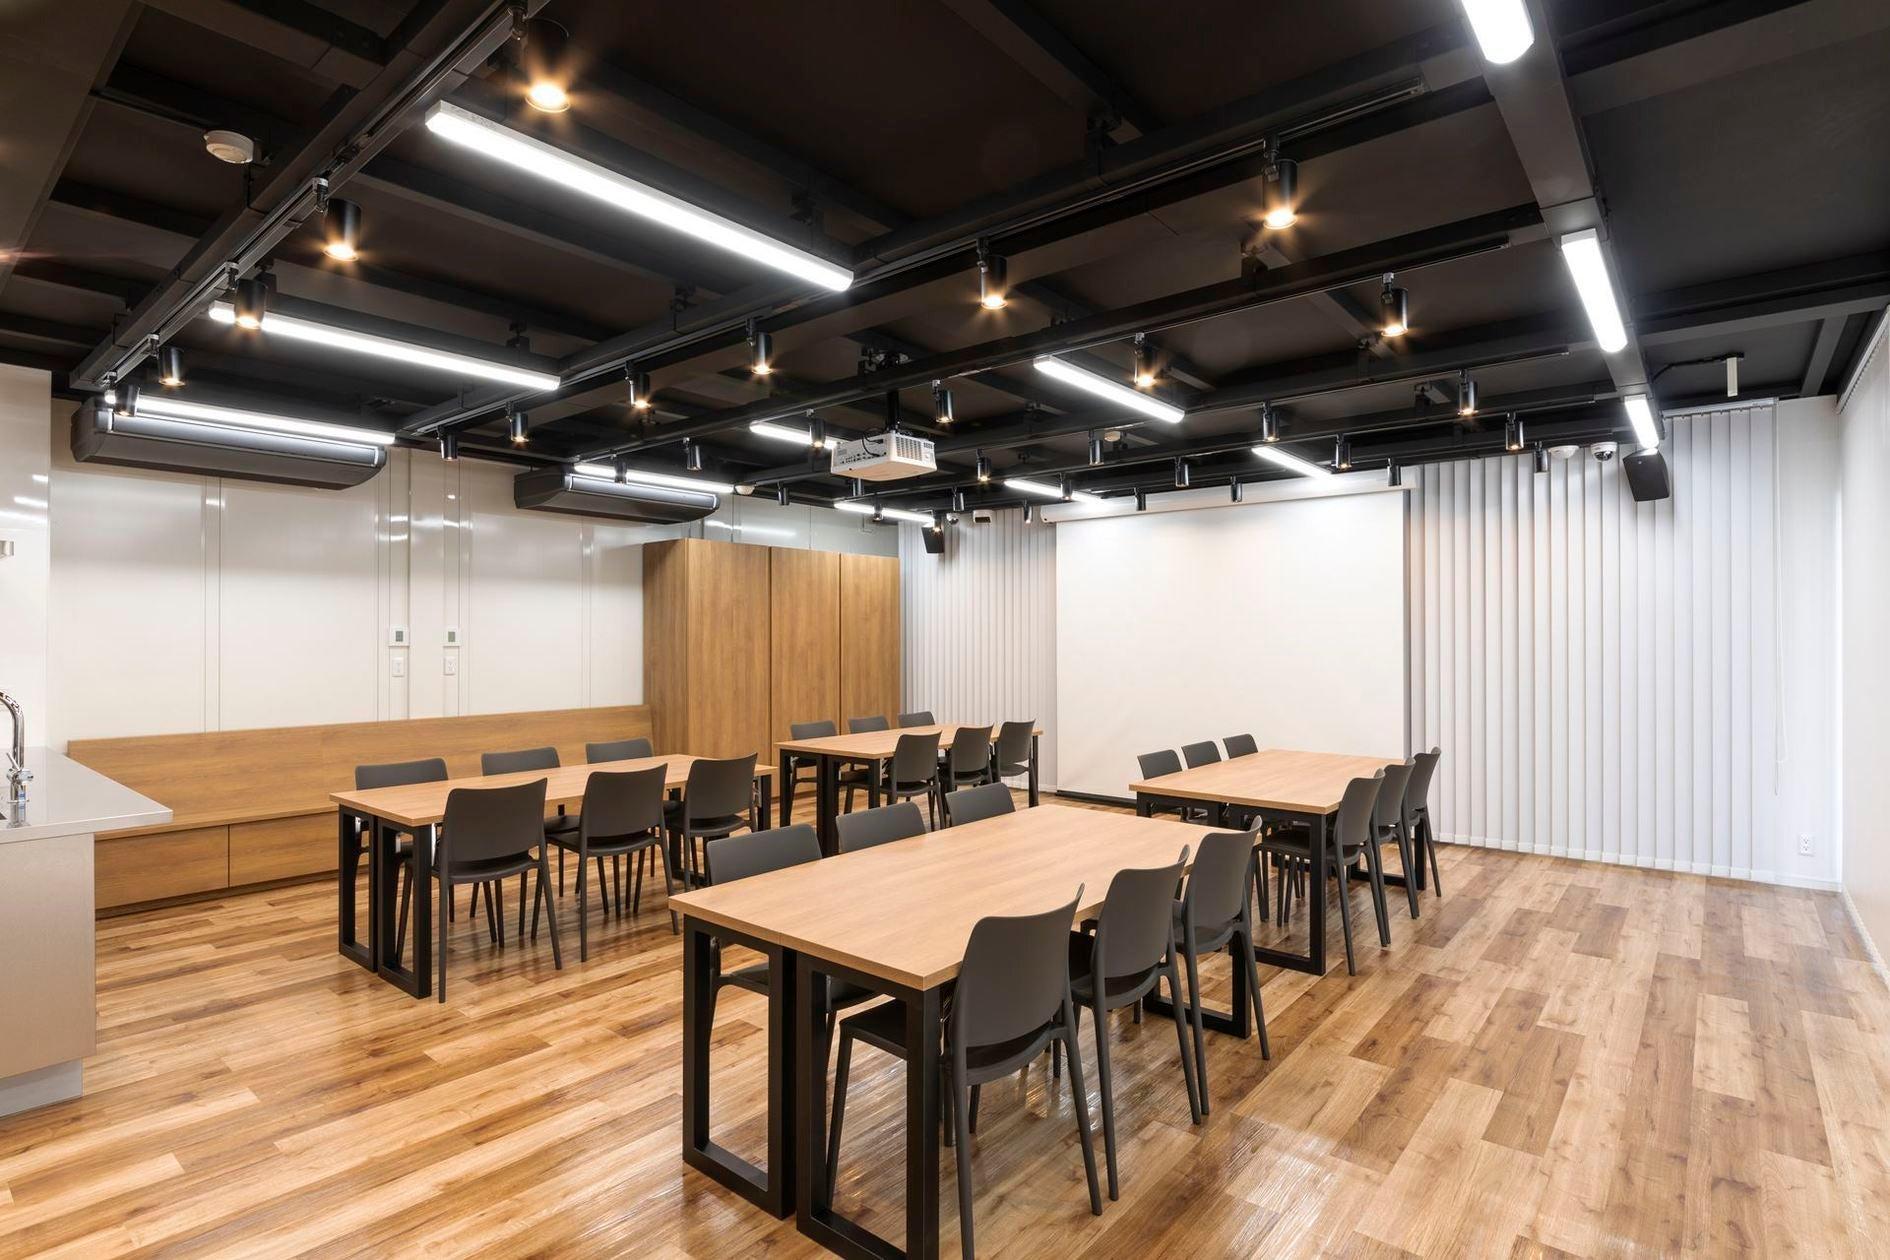 名古屋市千種区にレンタルキッチンスペースオープン予定!料理教室・ヨガ教室、いかなる用途にもお応えします!(キッチン付き・6mの姿大鏡設備!料理教室・ヨガ教室、いかなる用途にもお応えします!) の写真0